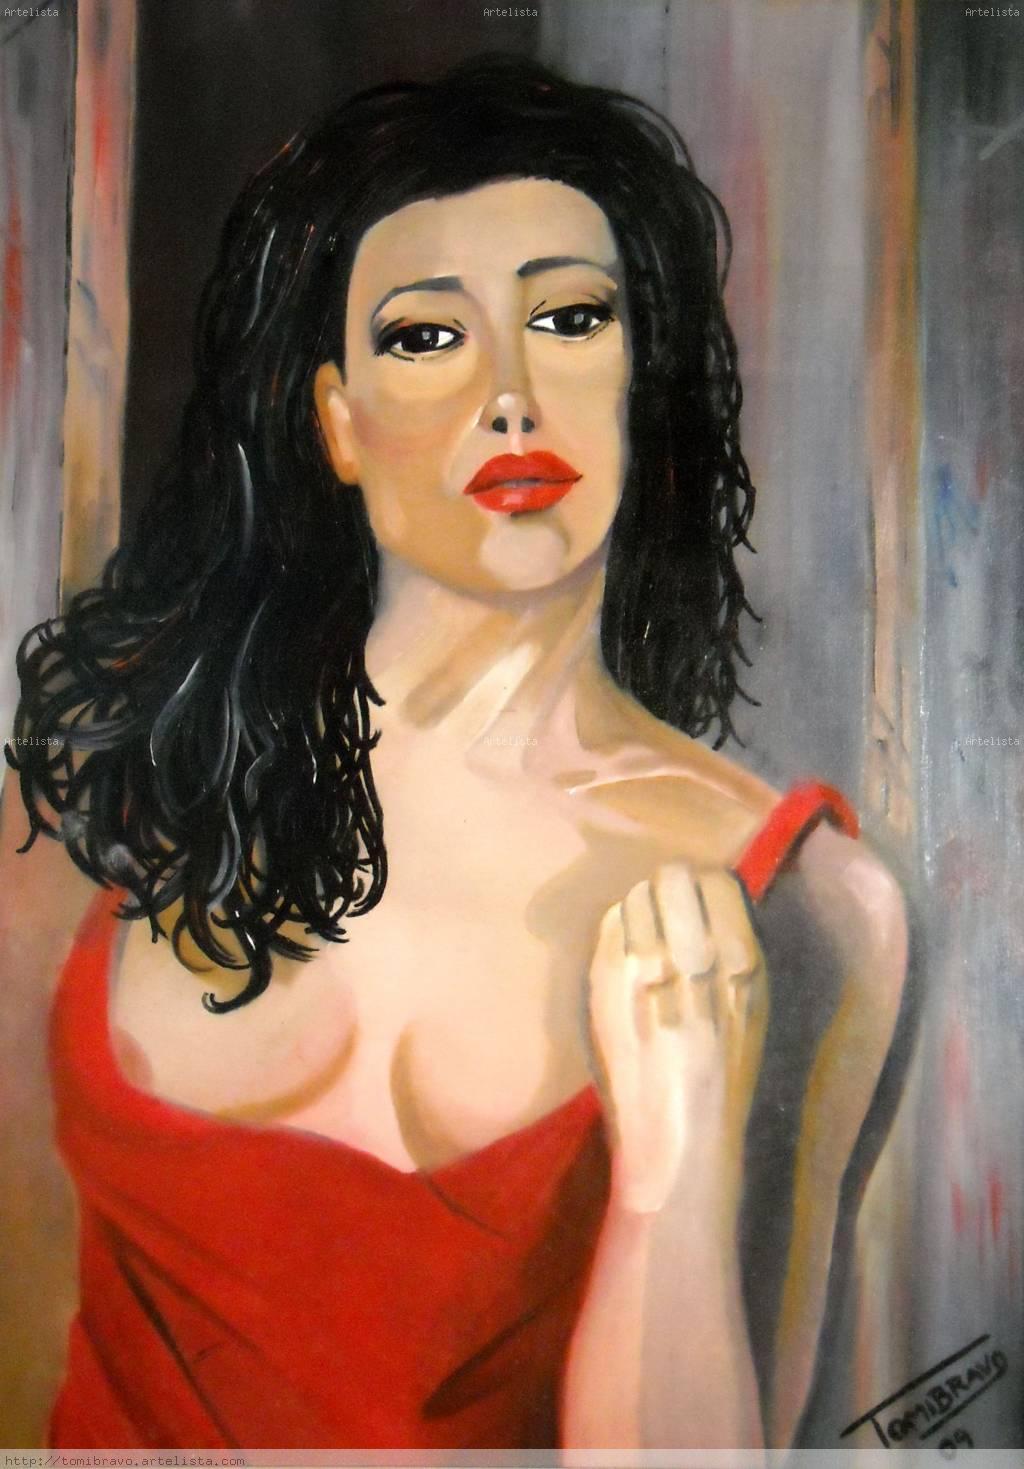 juan carlos prostitutas prostitutas arte